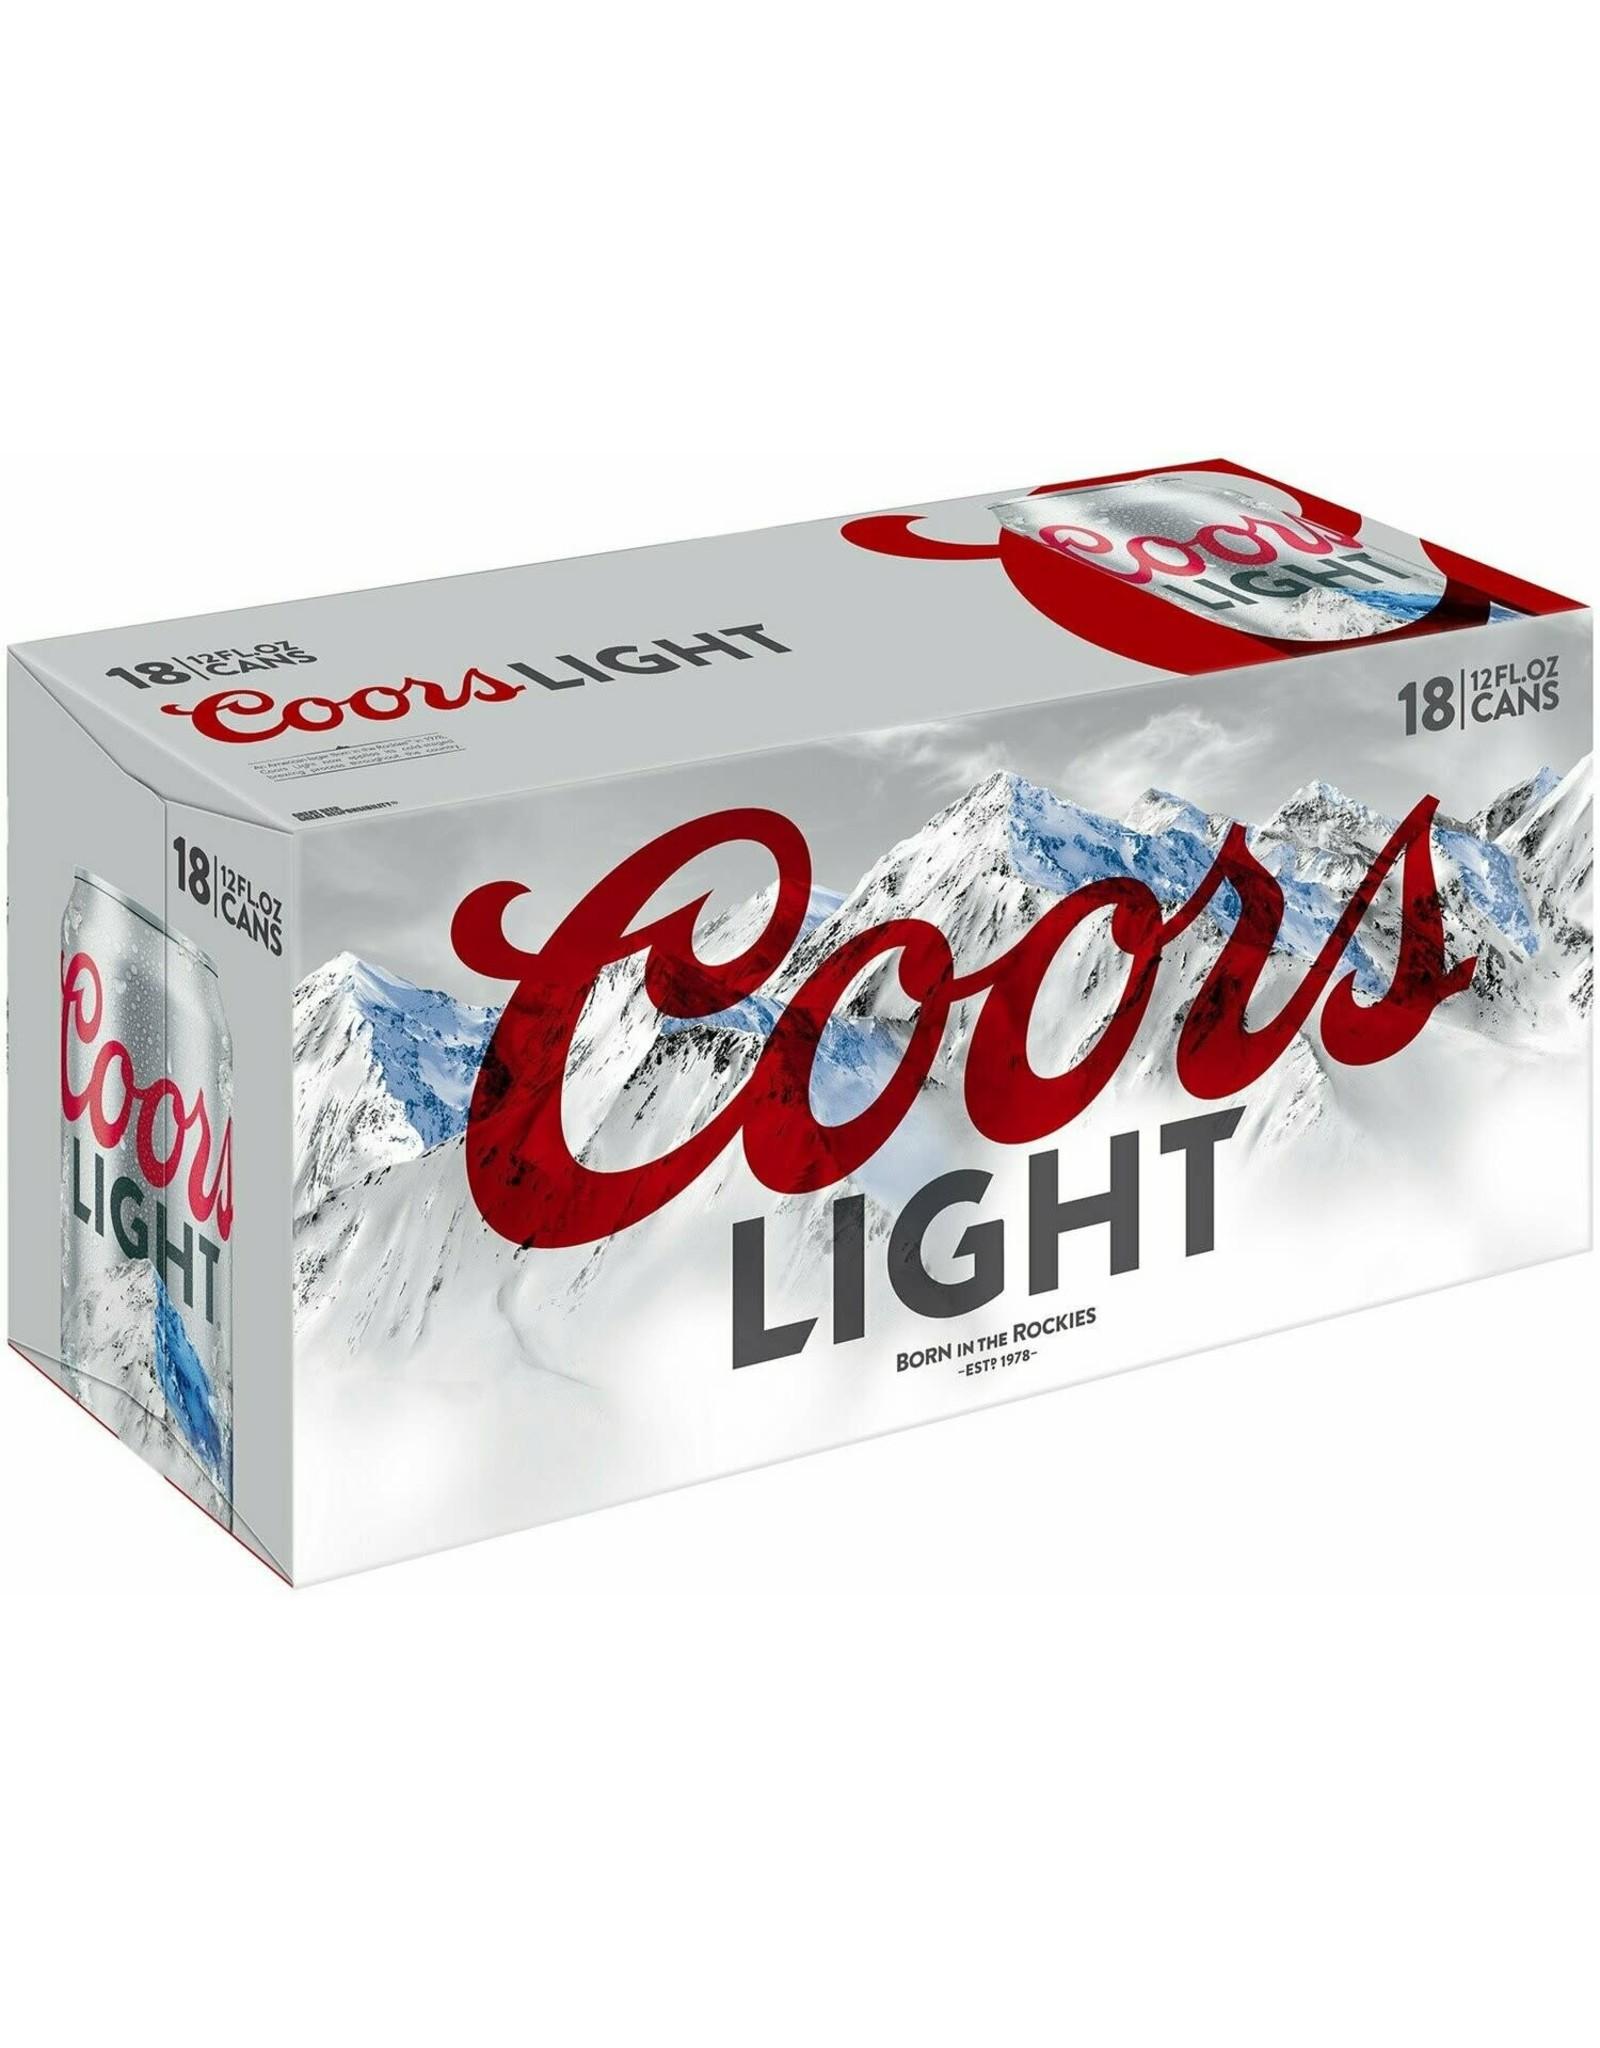 COORS LIGHT 1-18-12oz CN